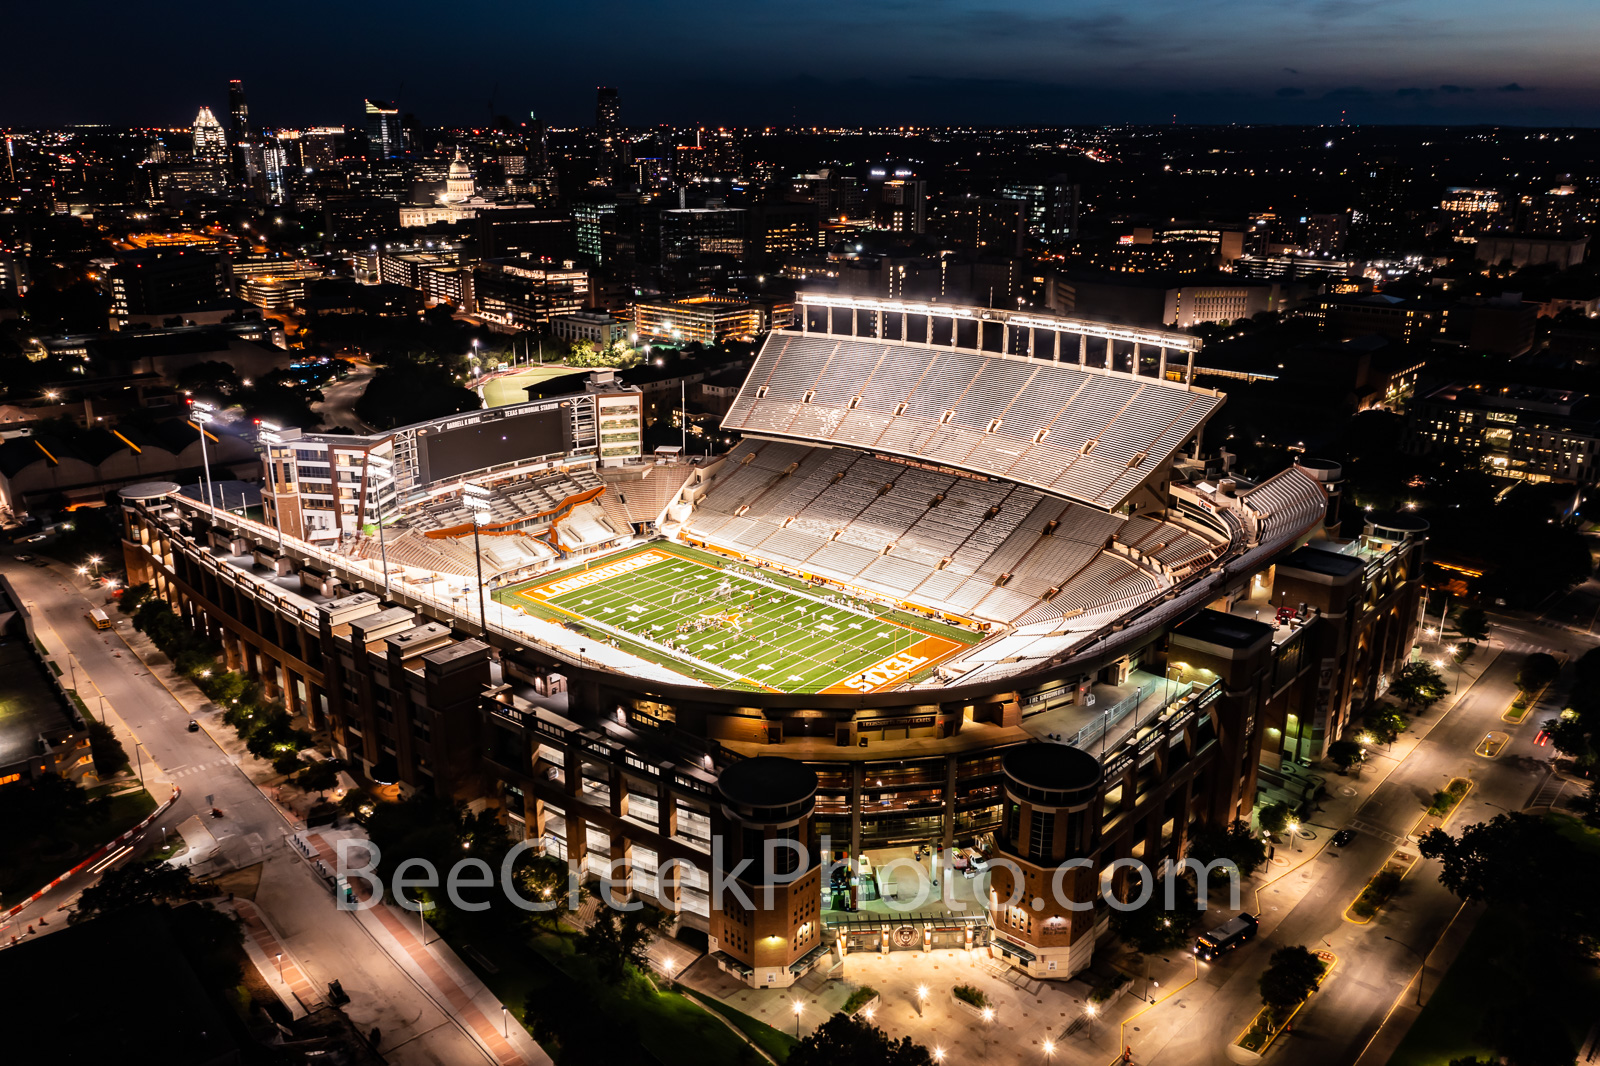 Darrell K Royal -Texas Memorial Stadium  - This is an aerial capture of the Darrell K Royal Memorial Stadium in Austin Texas...